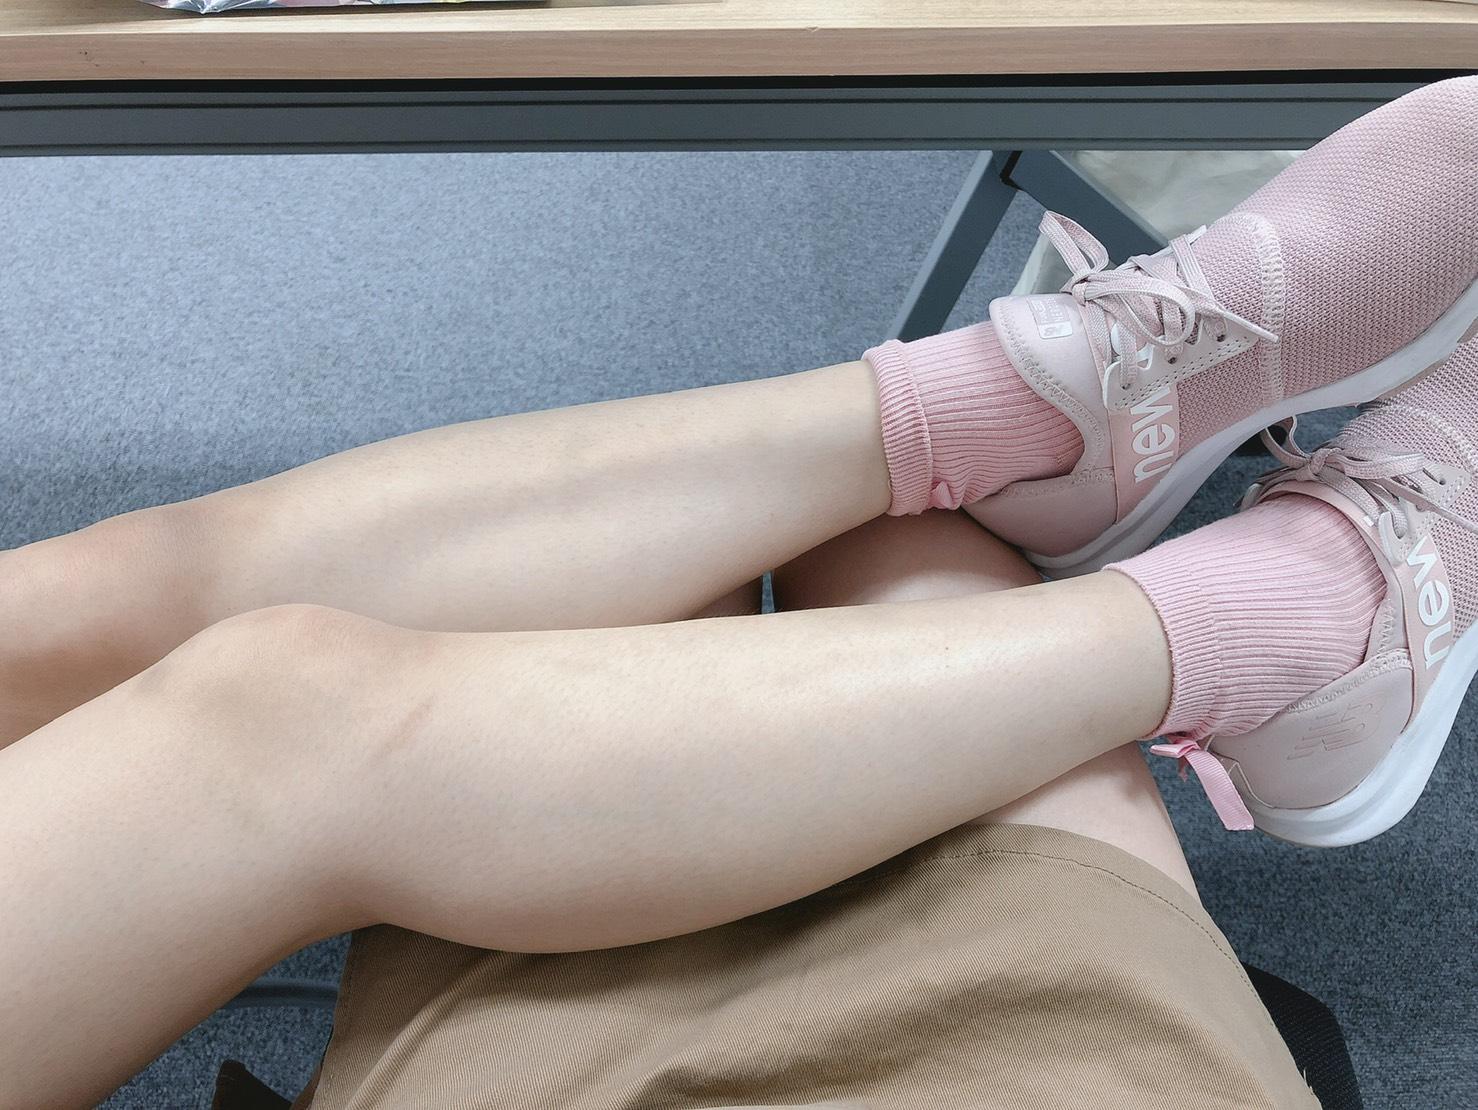 なーたんはよく私の足に足を乗っけてきます